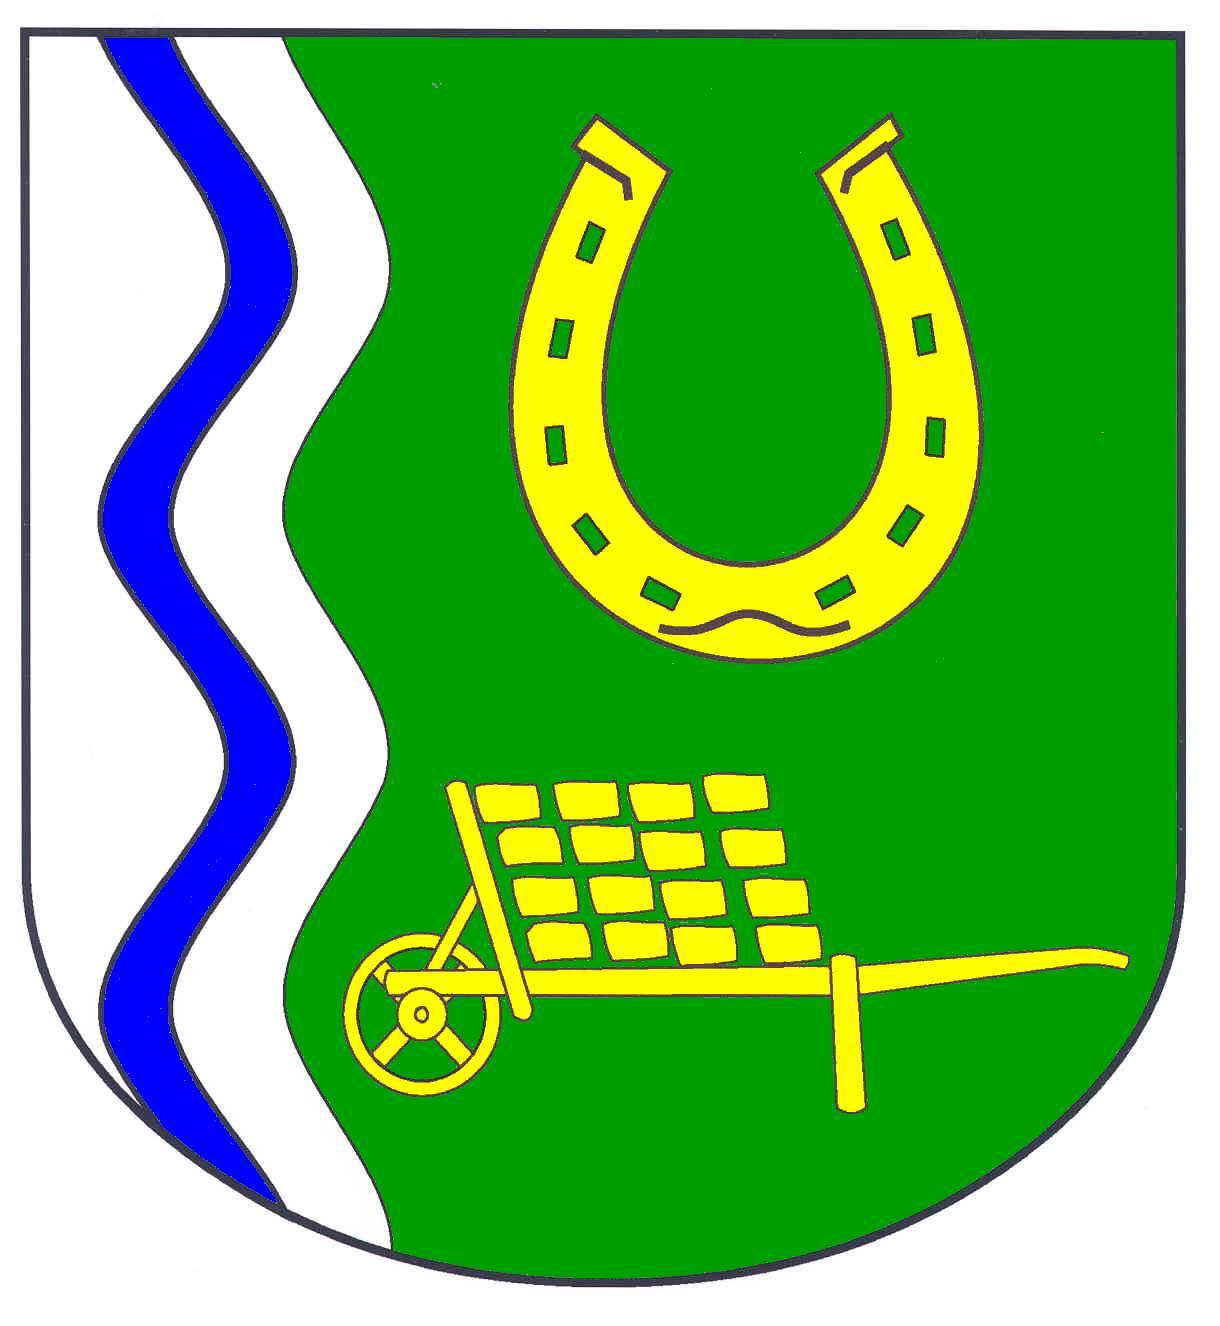 Wappen GemeindeLüchow, Kreis Herzogtum Lauenburg